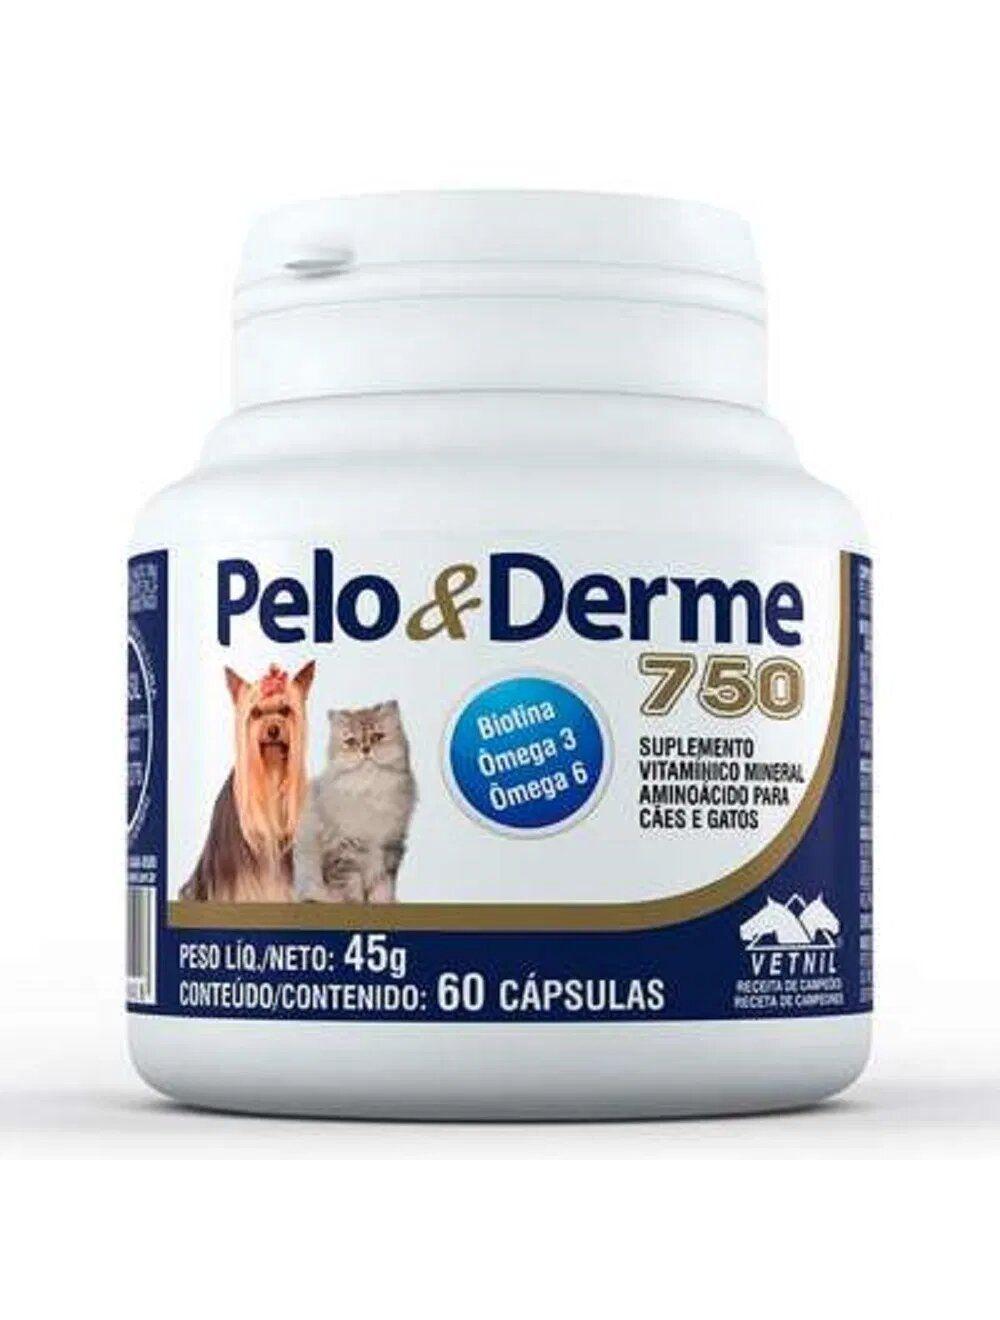 Pelo & Derme 750 x 60 Cápsulas - Ciudaddemascotas.com